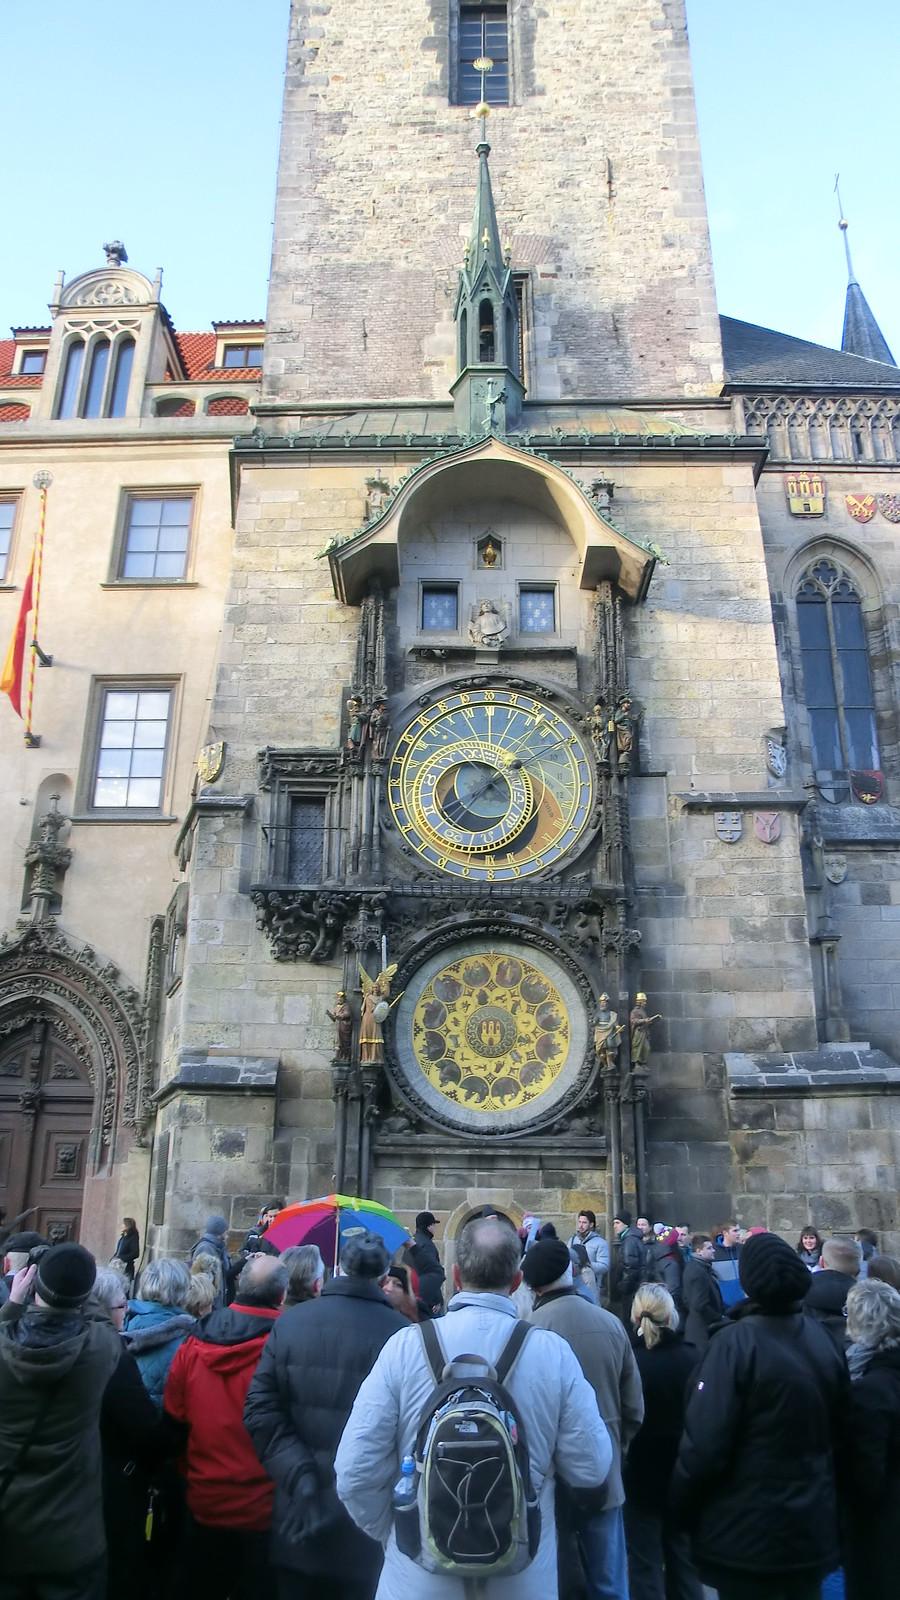 Der Wenzelsplatz / Václavské námestí in Prag  wirkt mit seinen 700 Metern Länge wie ein Boulevard der Demokratie, Vernunft und Toleranz  in idealer Lage, ist zugleich Geschäfts- und Administrationszentrum  2013